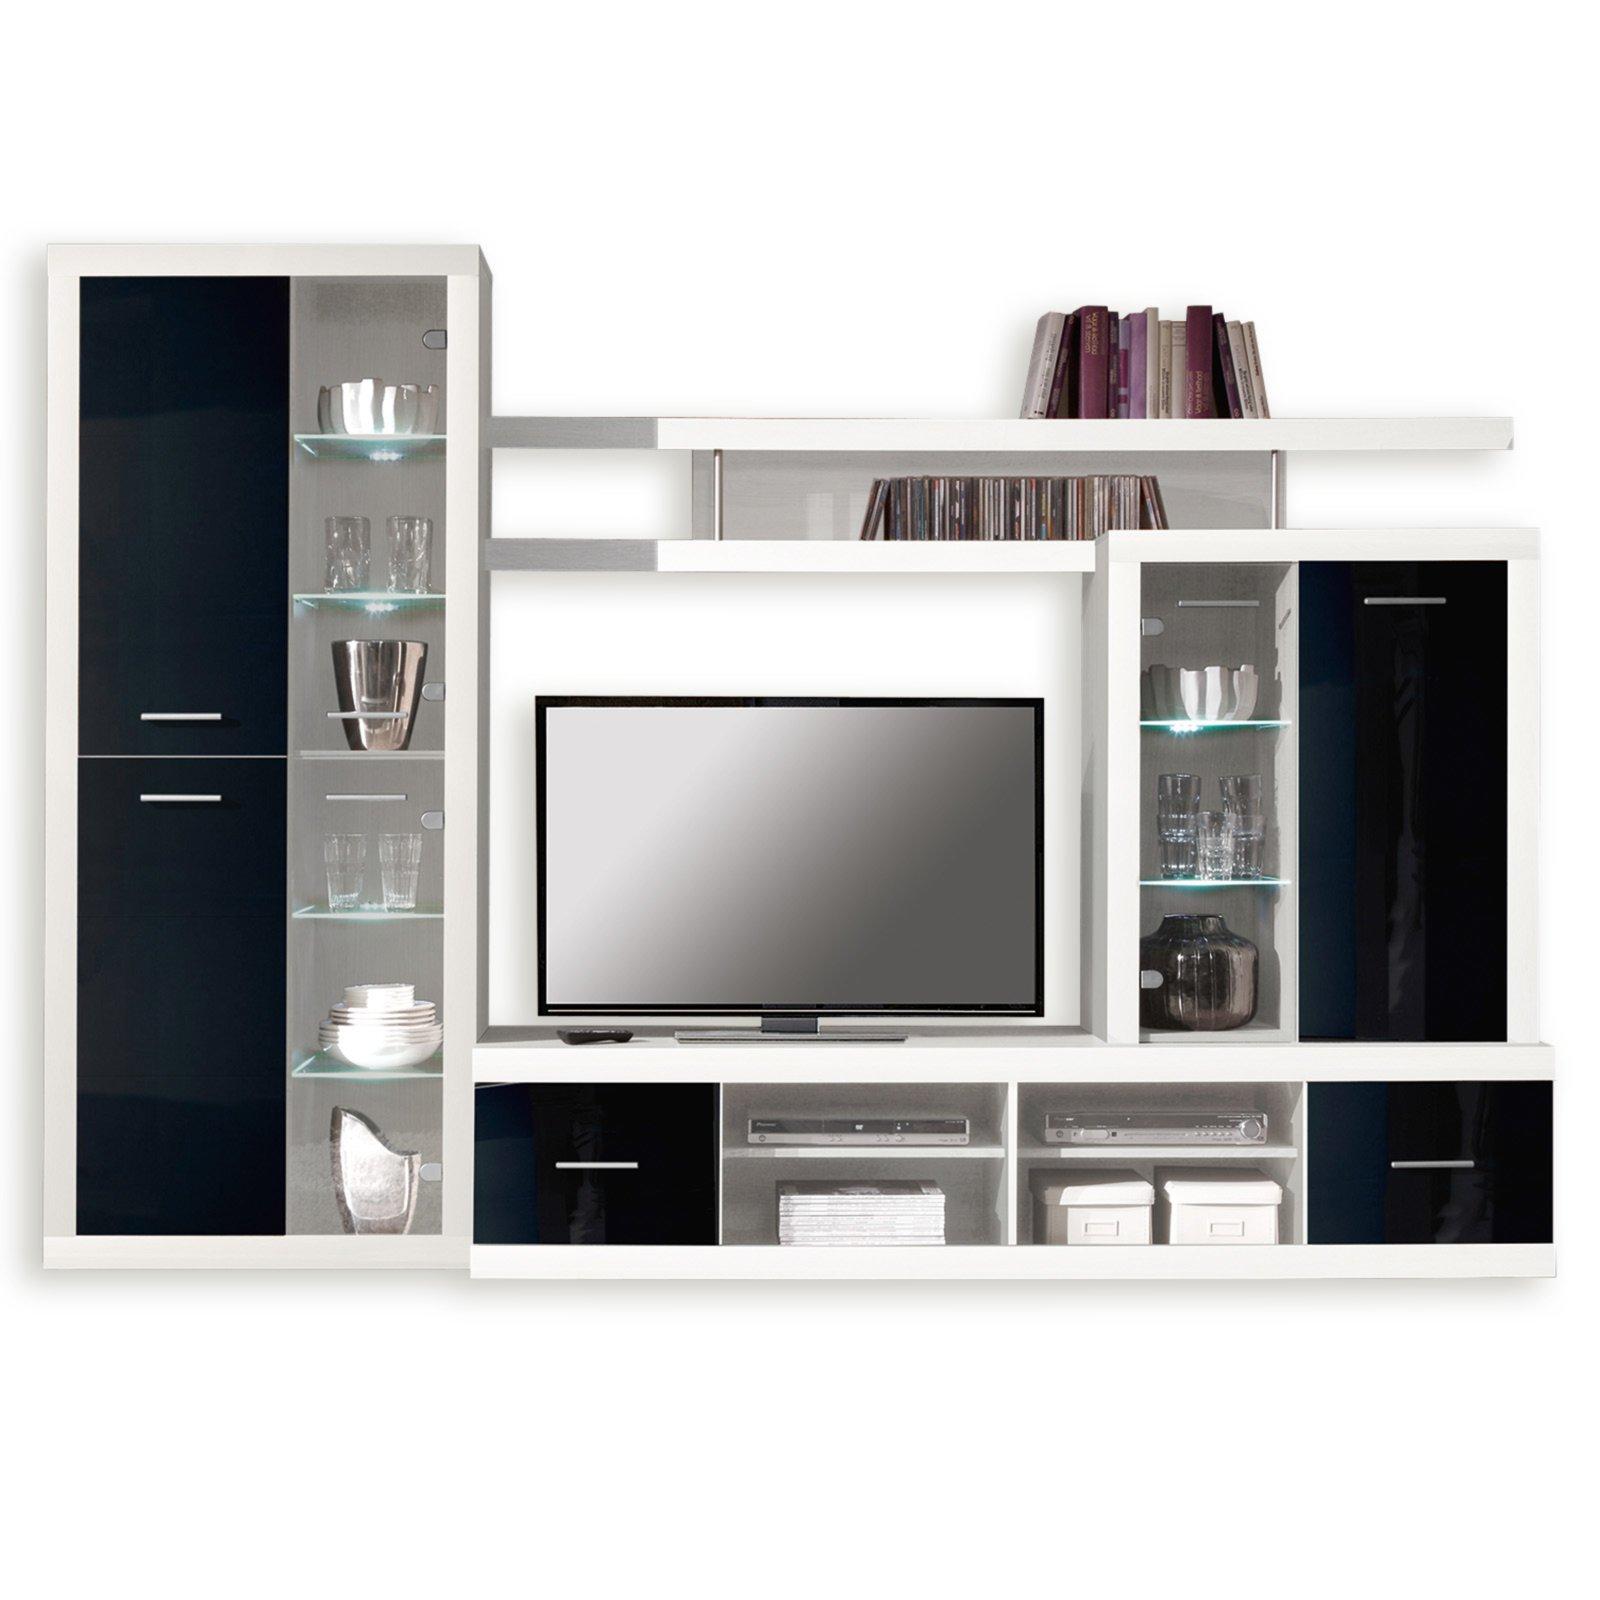 Wohnwand CAN CAN 4 LUX   Weiß Schwarz   Glasfronten